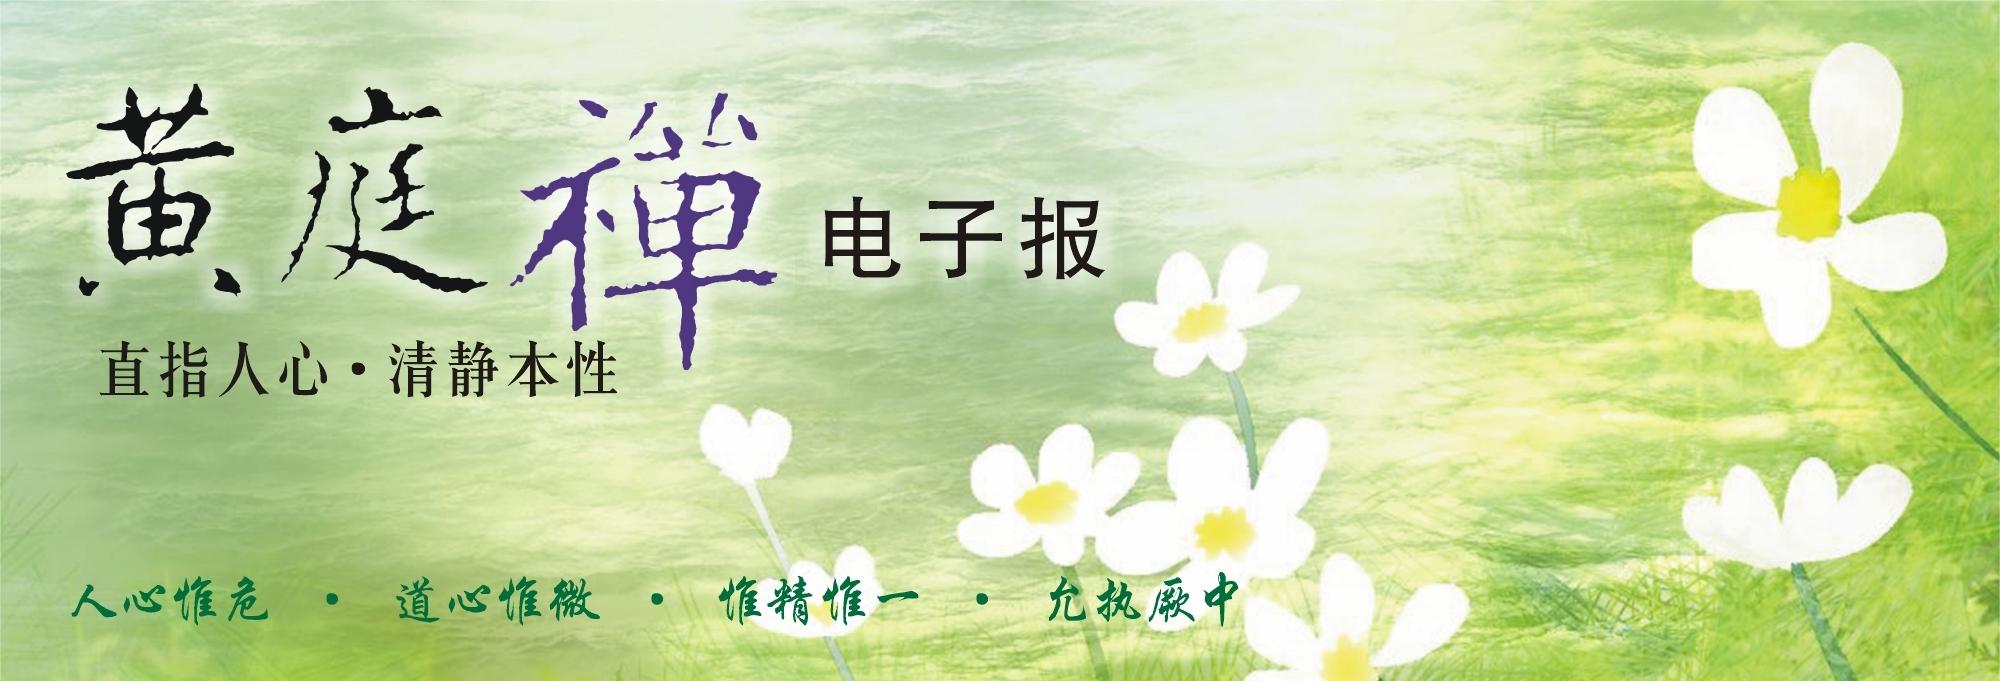 中华黄庭禅学会2016.09.21电子报